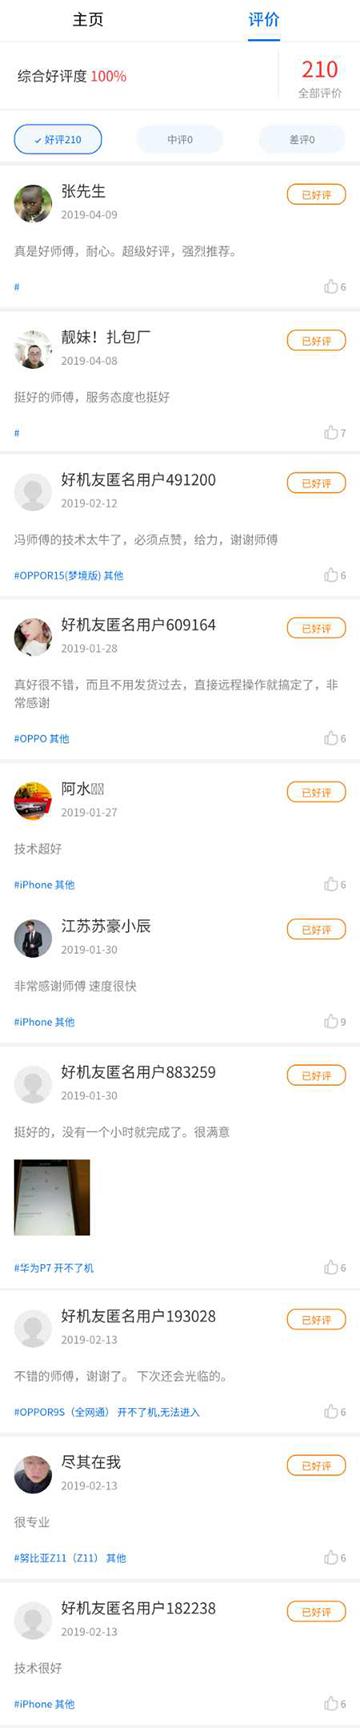 安心修平台师傅专访:肇庆冯师傅